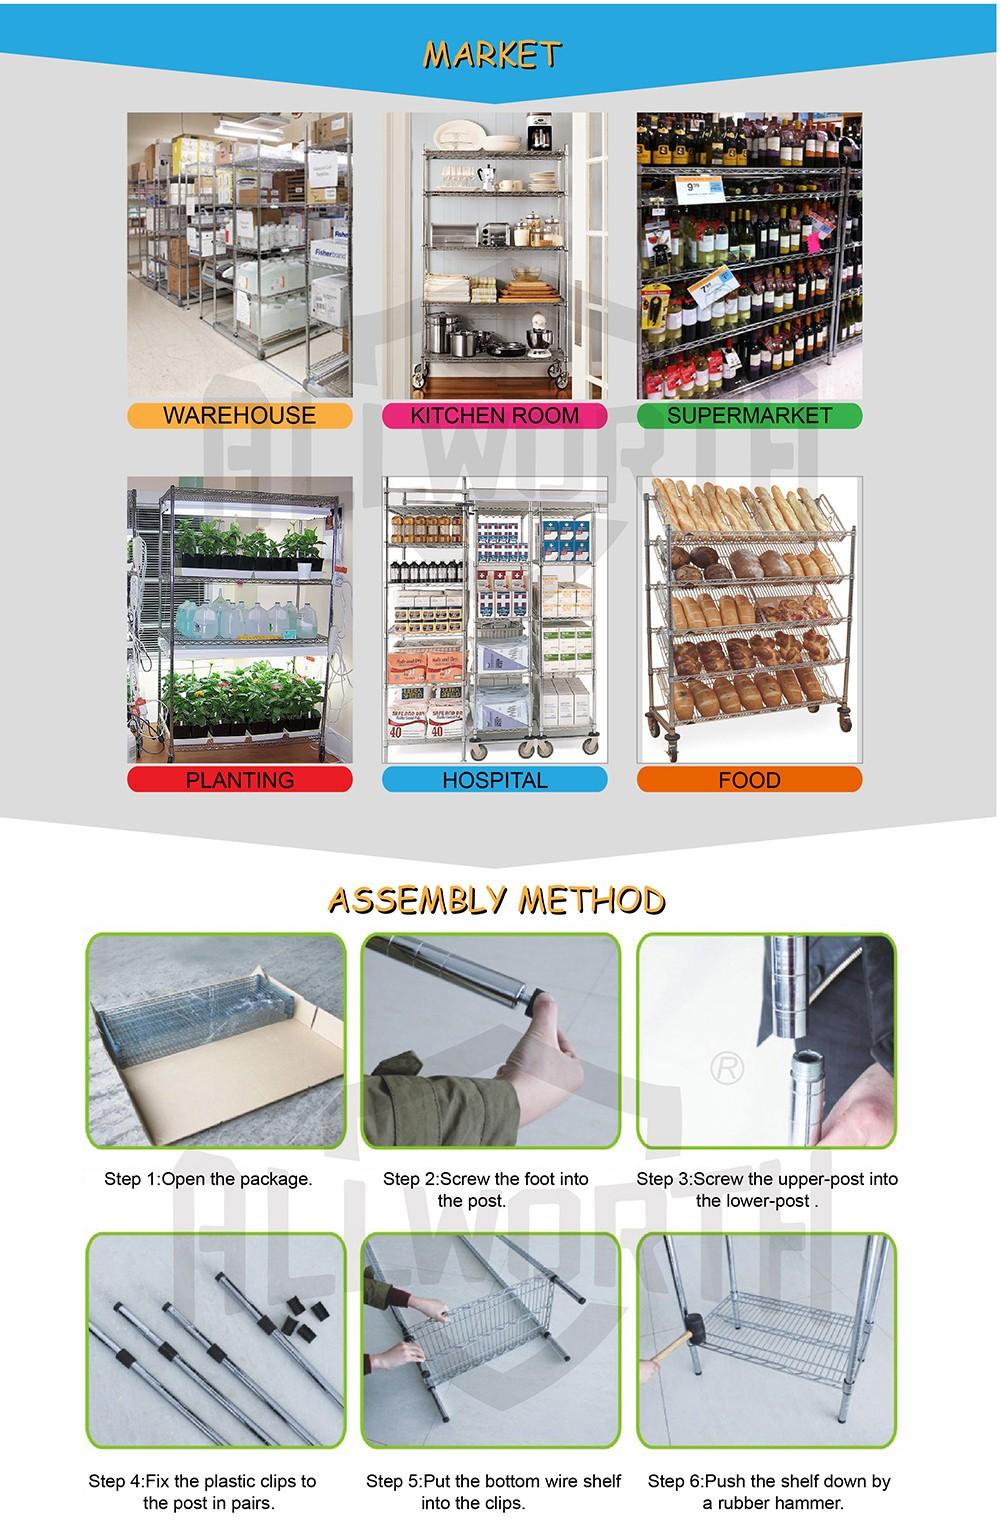 Corner Vegetable Rack Cardboard Stainless Steel Wire Rack With S Hook